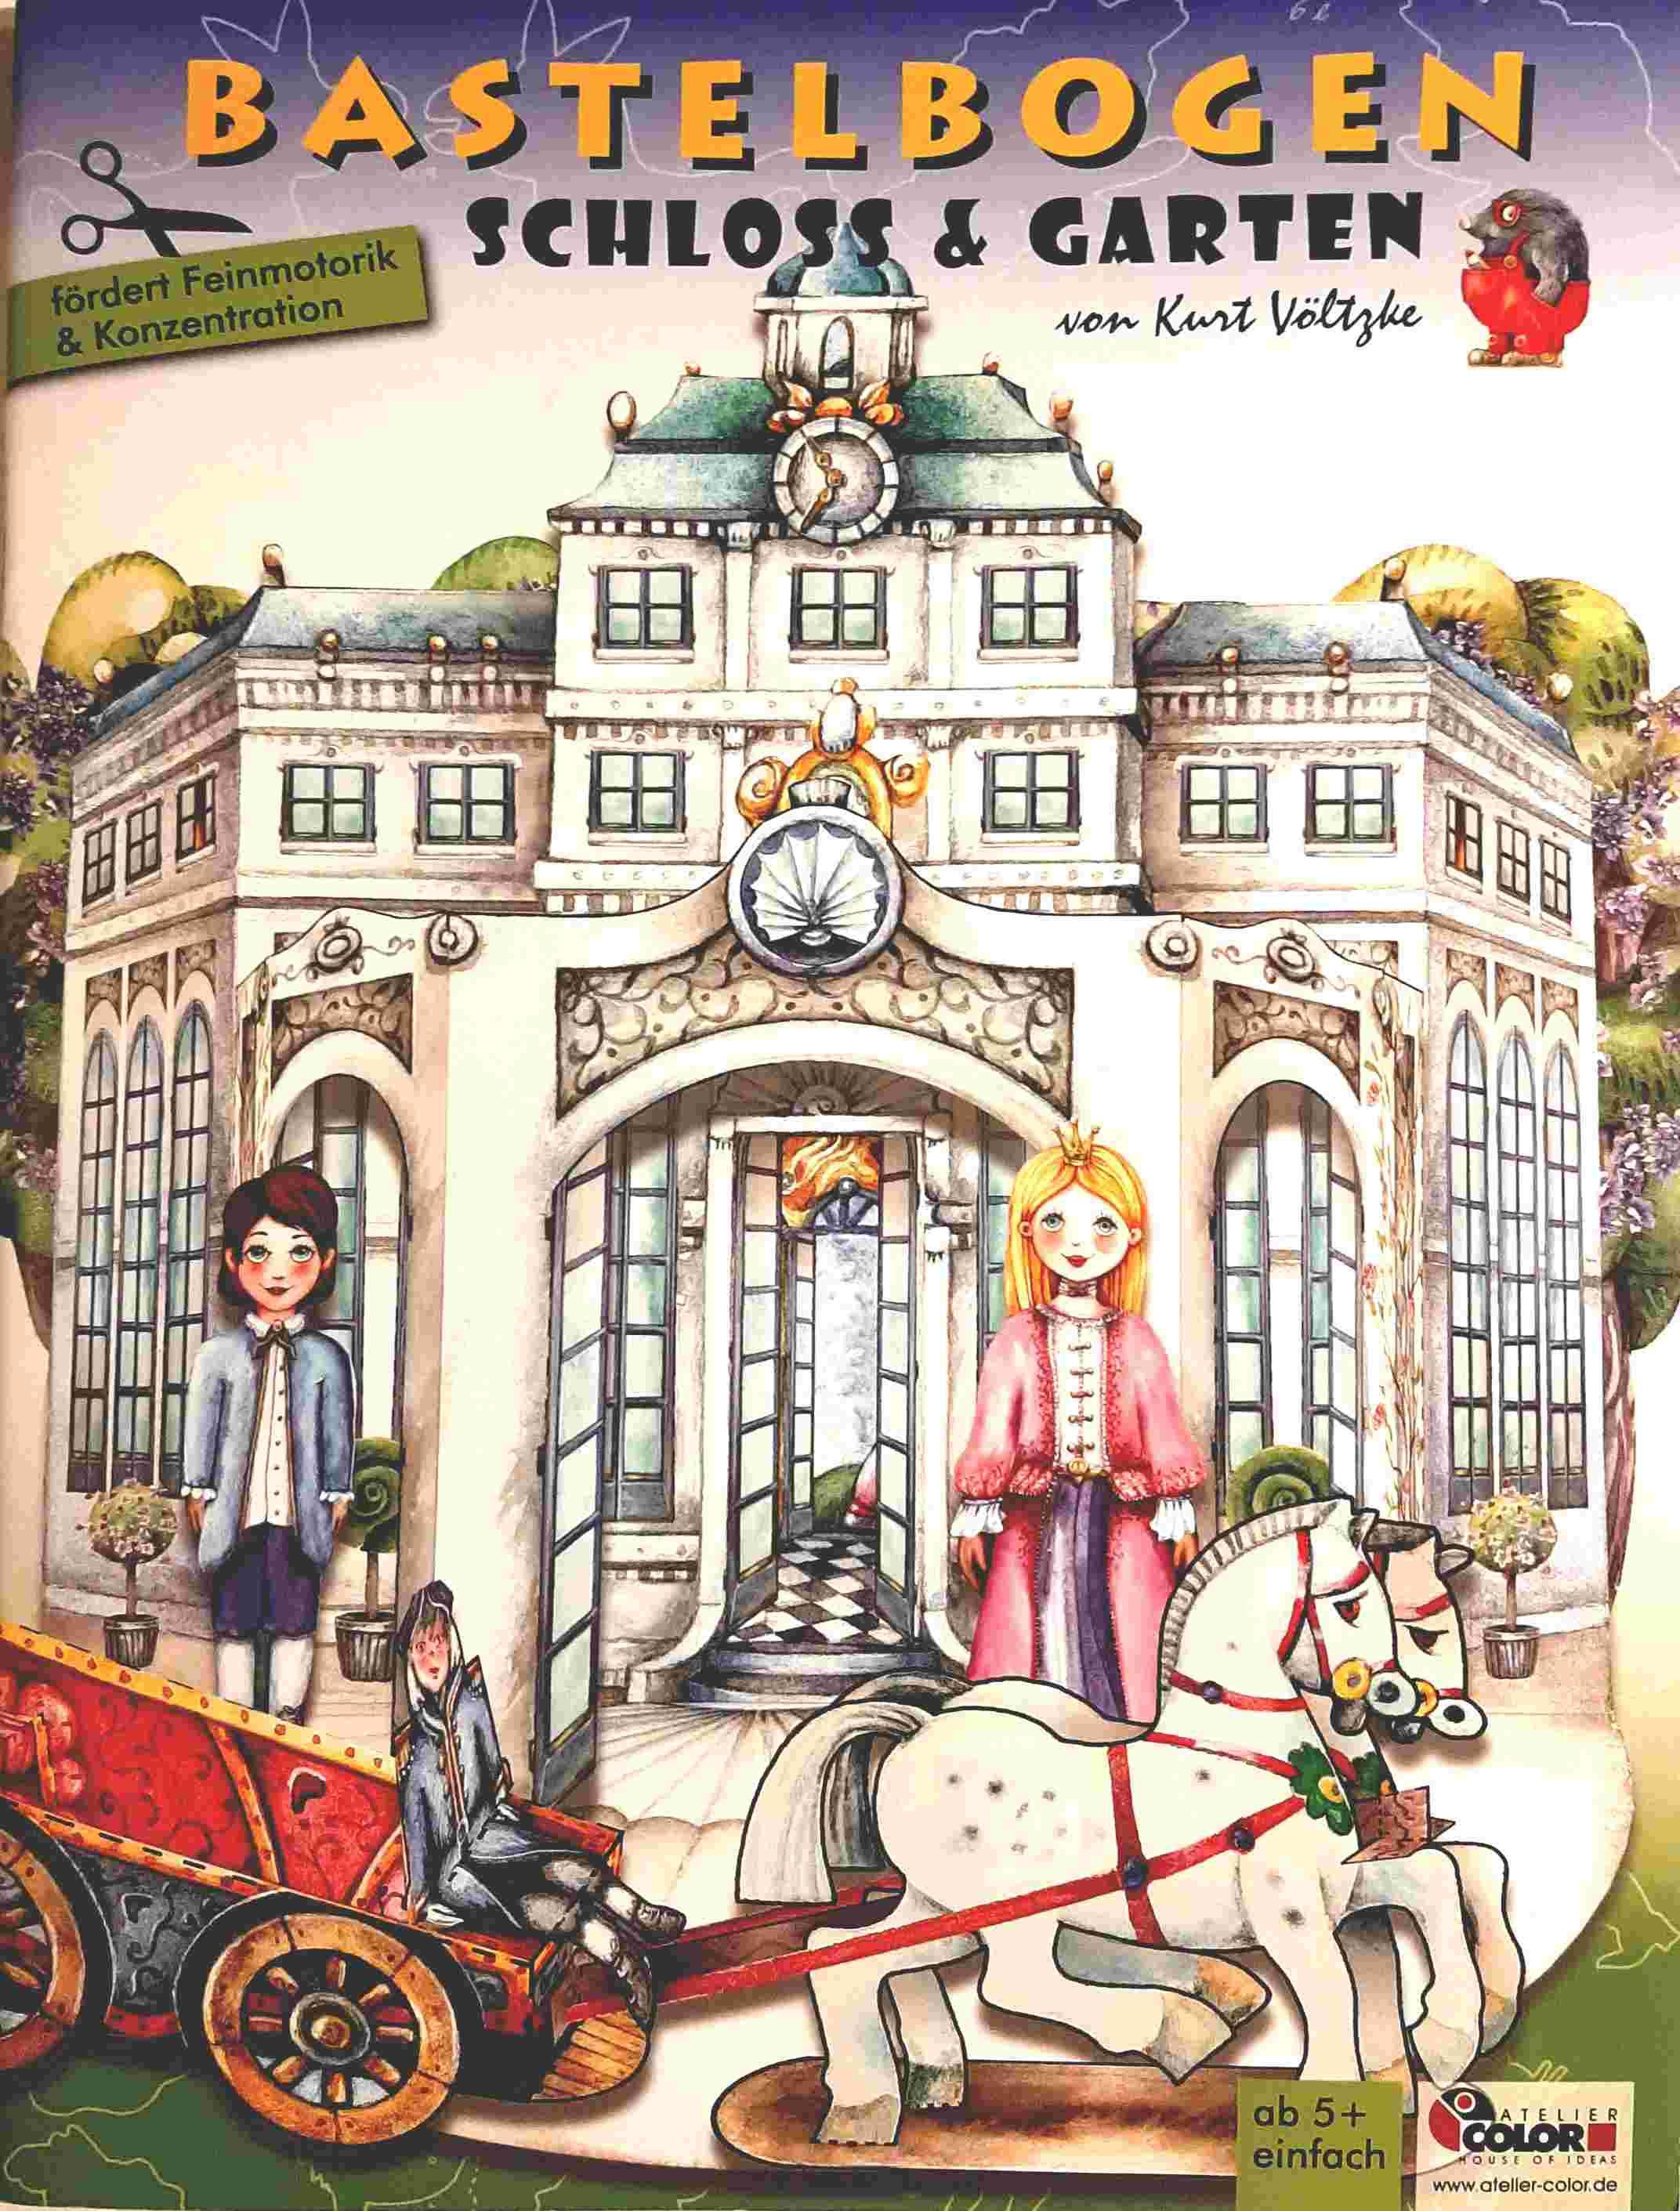 Bastelbogen Schloss&Garten